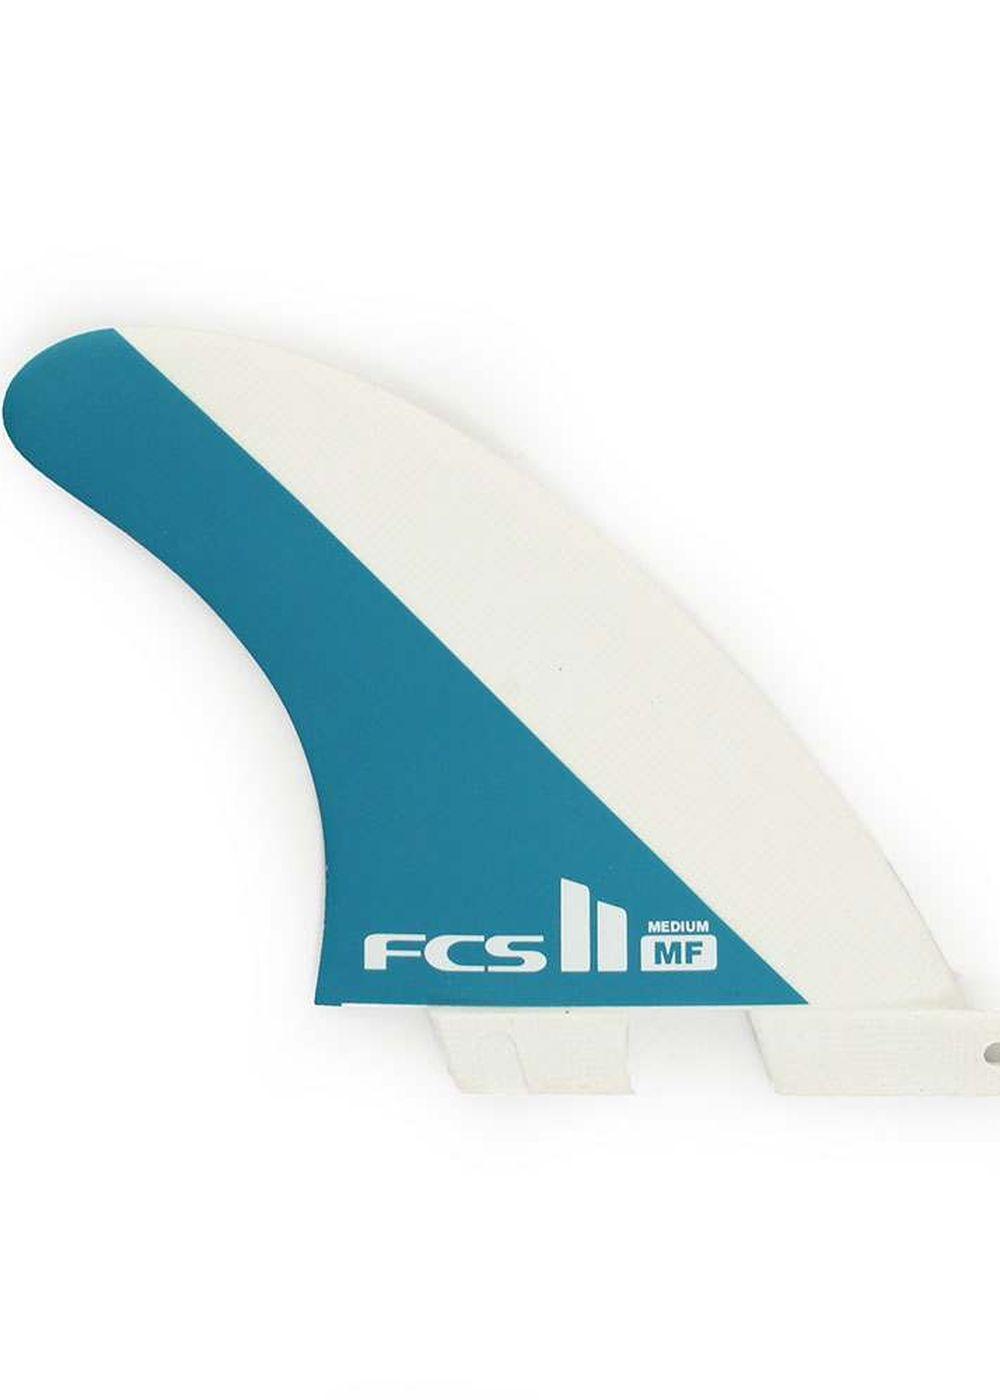 FCS 2 MF PERFORMANCE GLASS MEDIUM SURFBOARD FINS